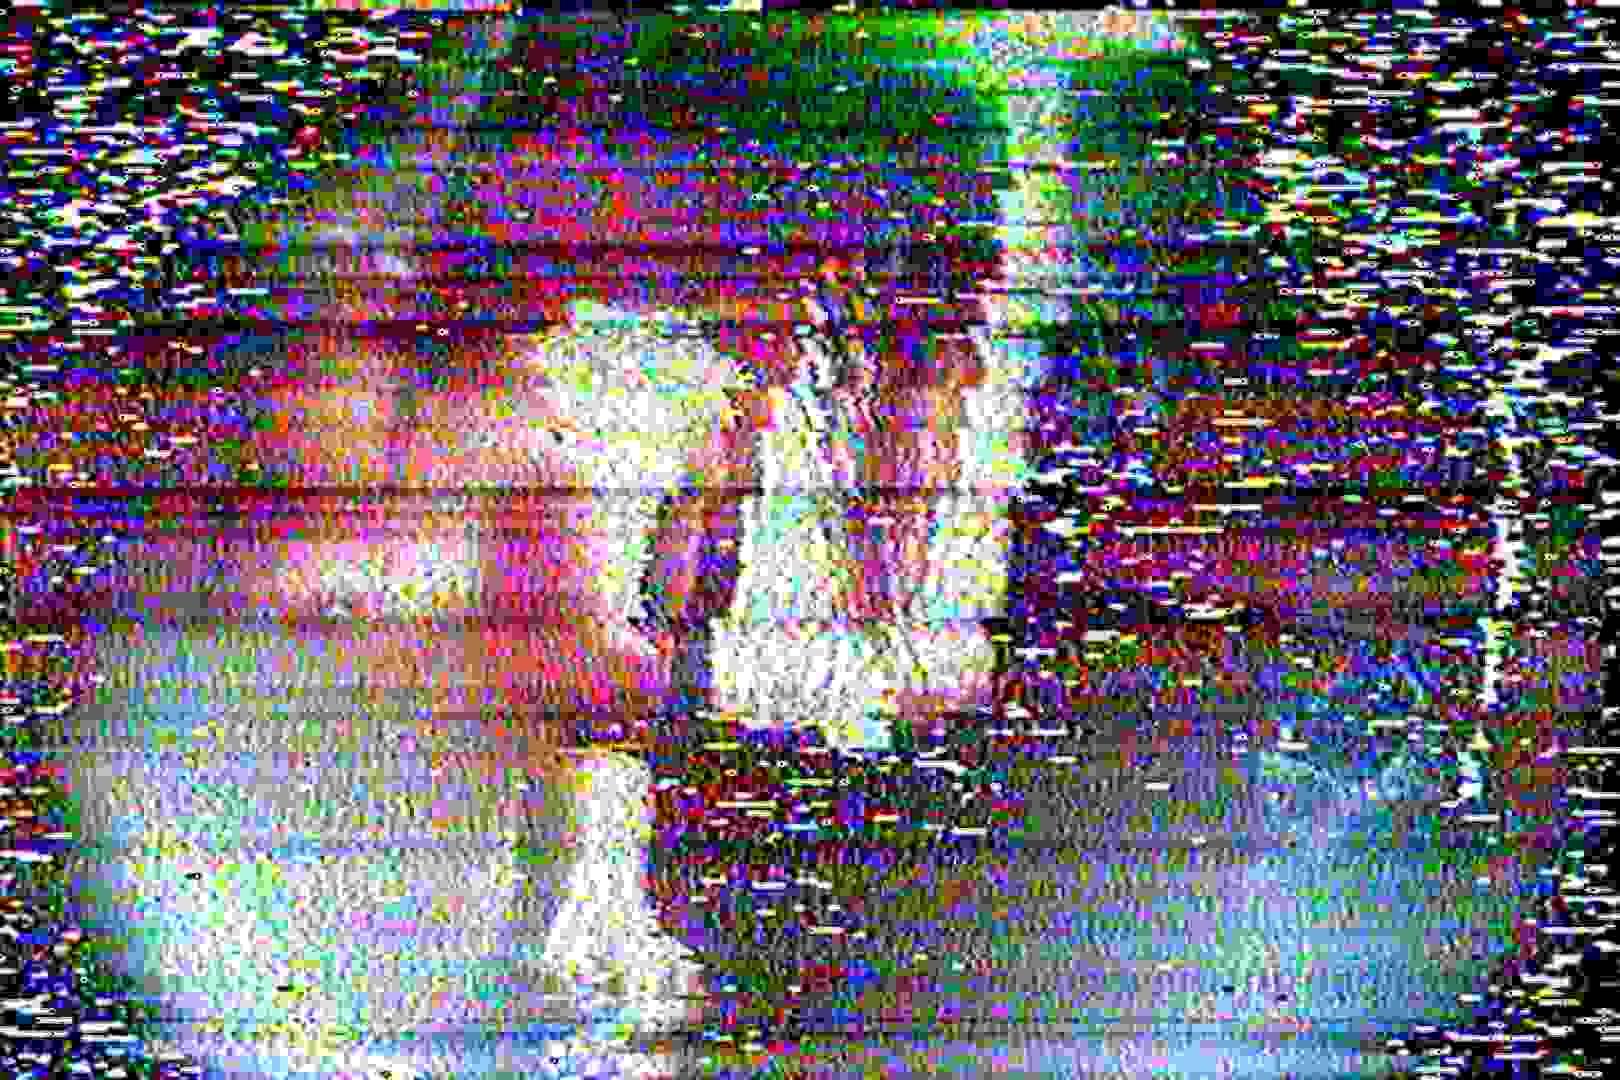 海の家の更衣室 Vol.27 日焼けした肌 ヌード画像 89画像 62